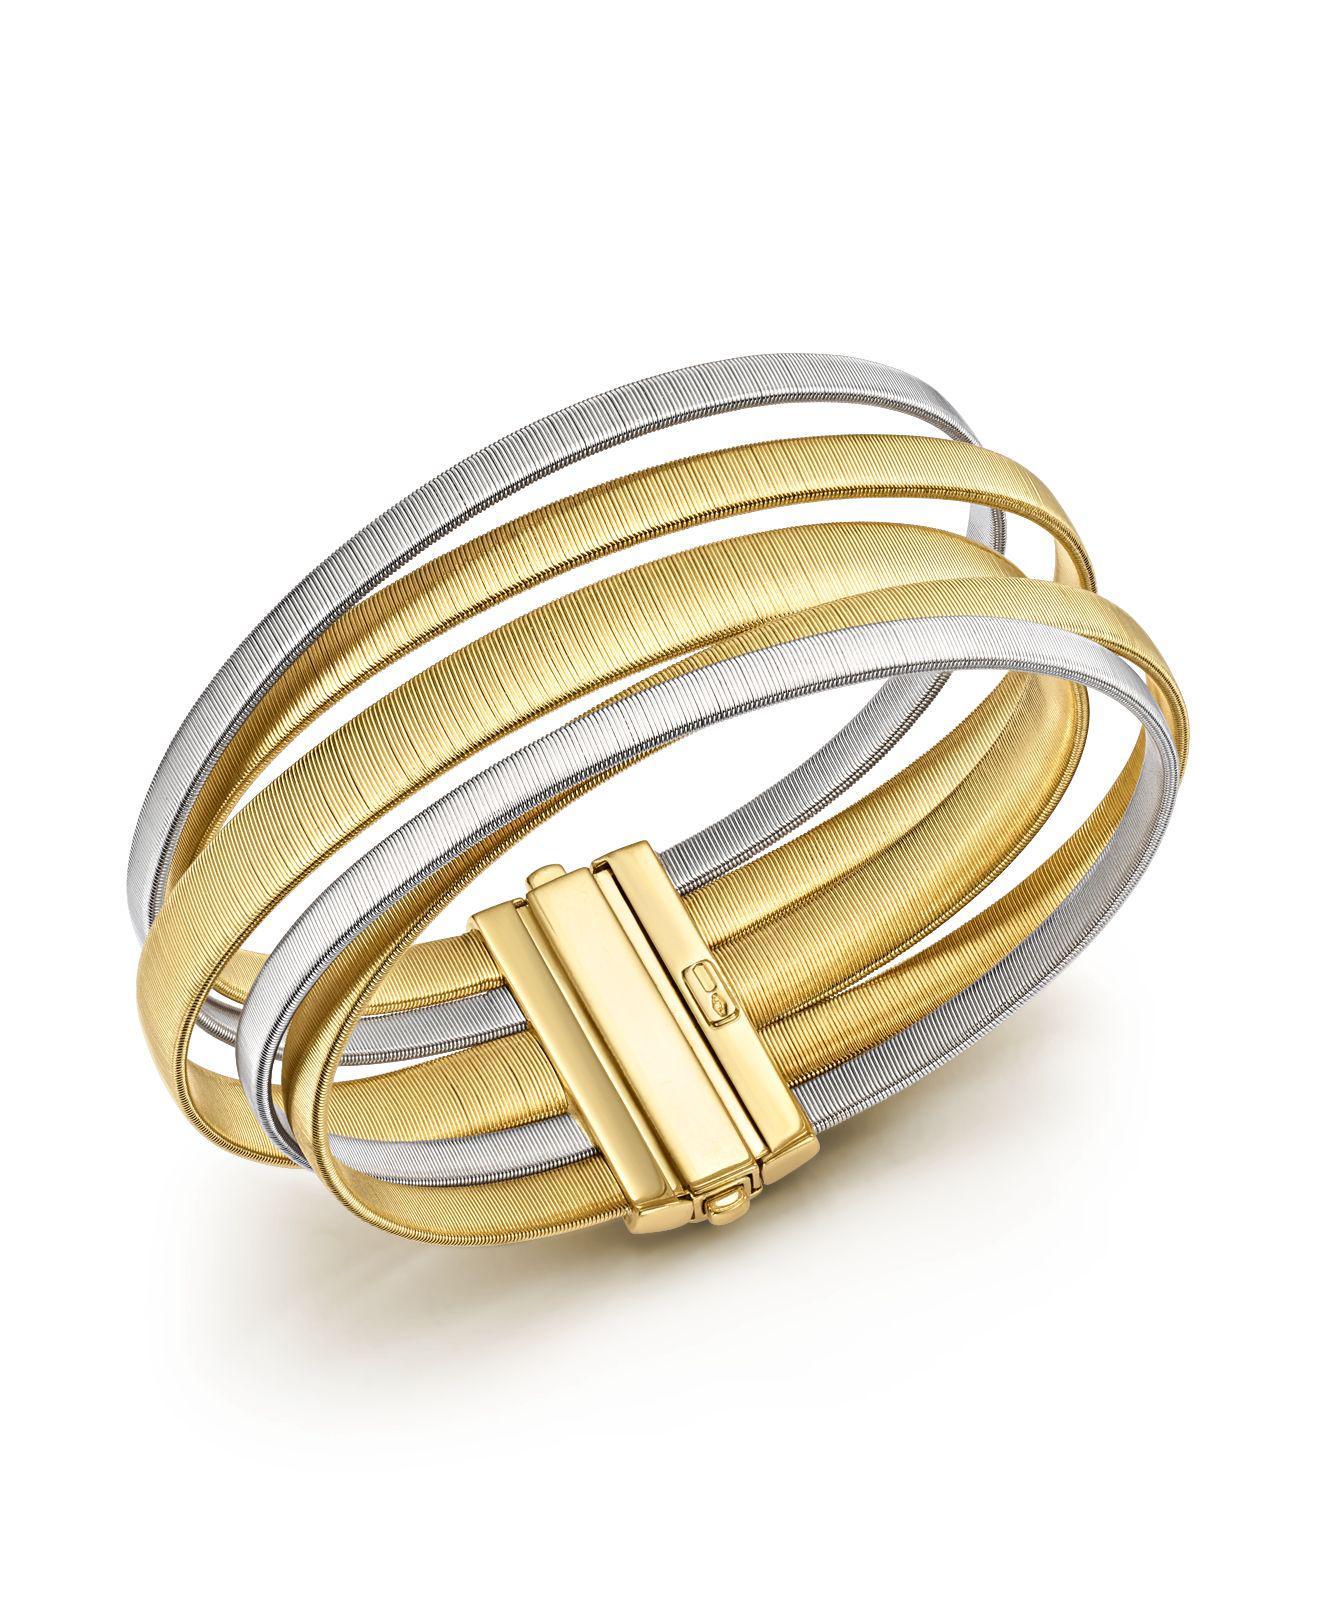 Marco Bicego Masai 18K Yellow & White Gold Five-Strand Bracelet DeYt1m